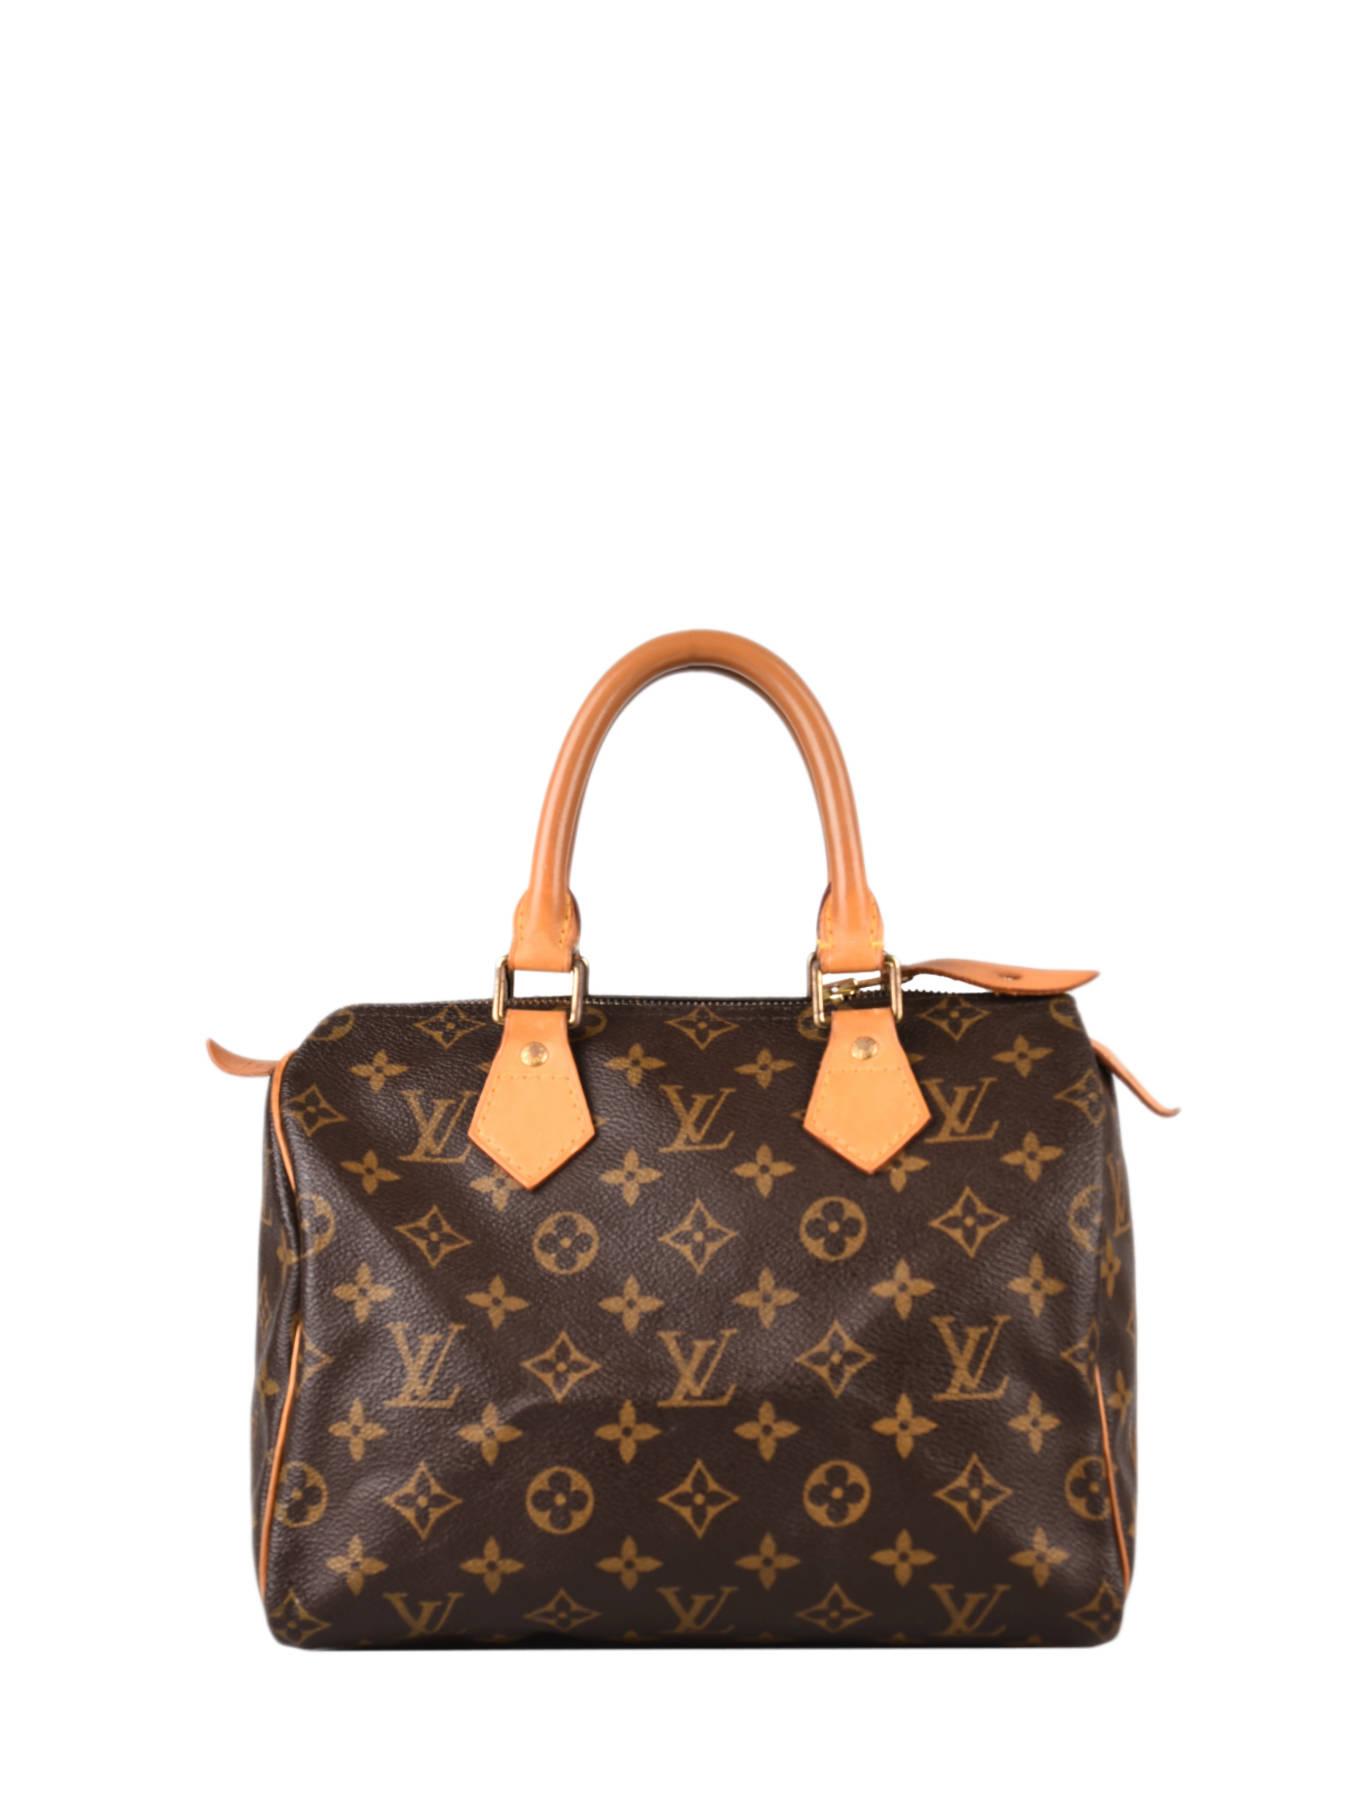 Sac à main d'occasion Louis Vuitton Speedy 25 Monogrammé BRAND CONNECTION